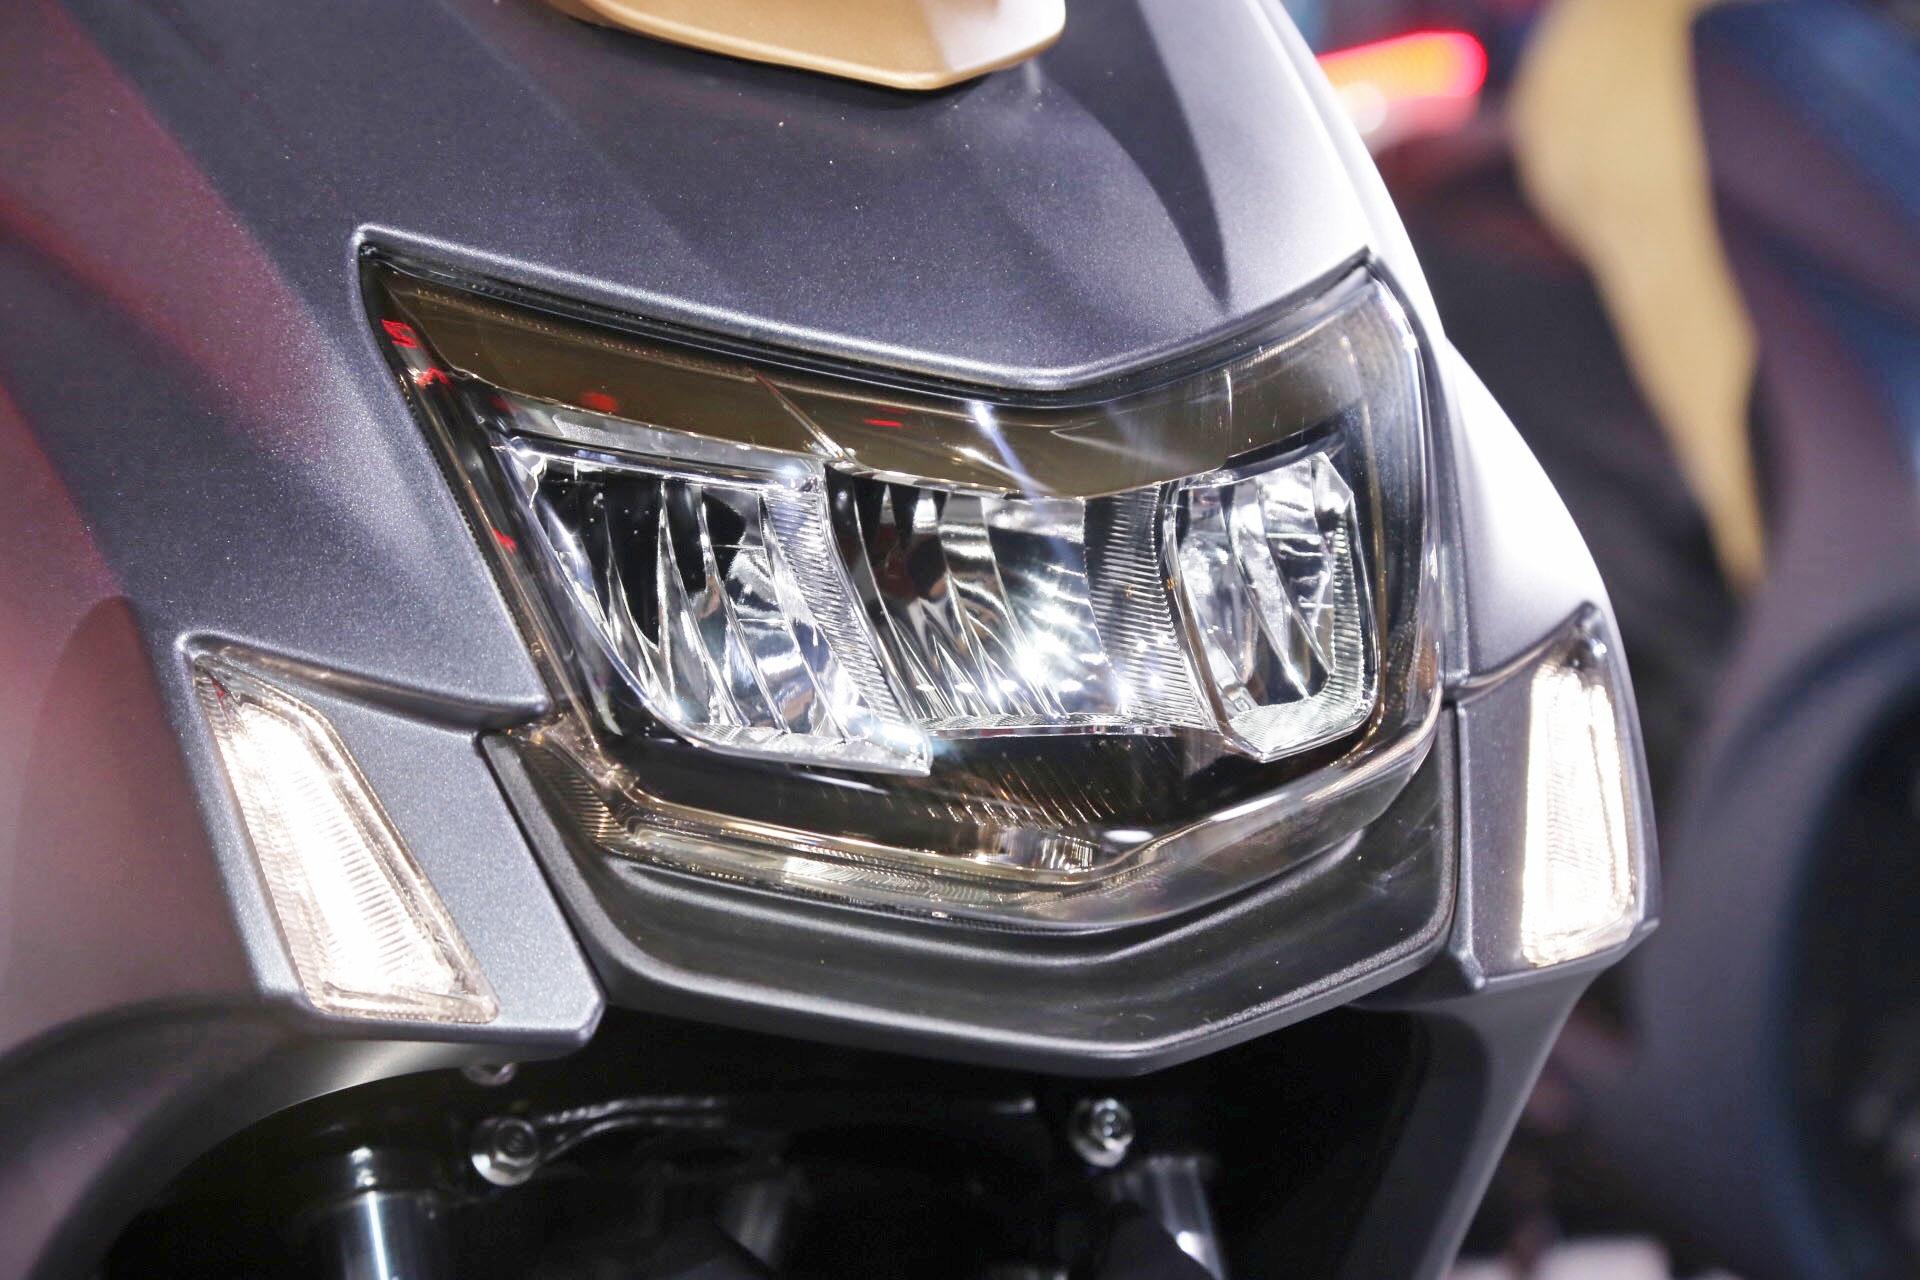 Yamaha-Cygnus-X-2018-khuay-dong-gioi-tre-gia-tu-62-trieu-dong-anh-5